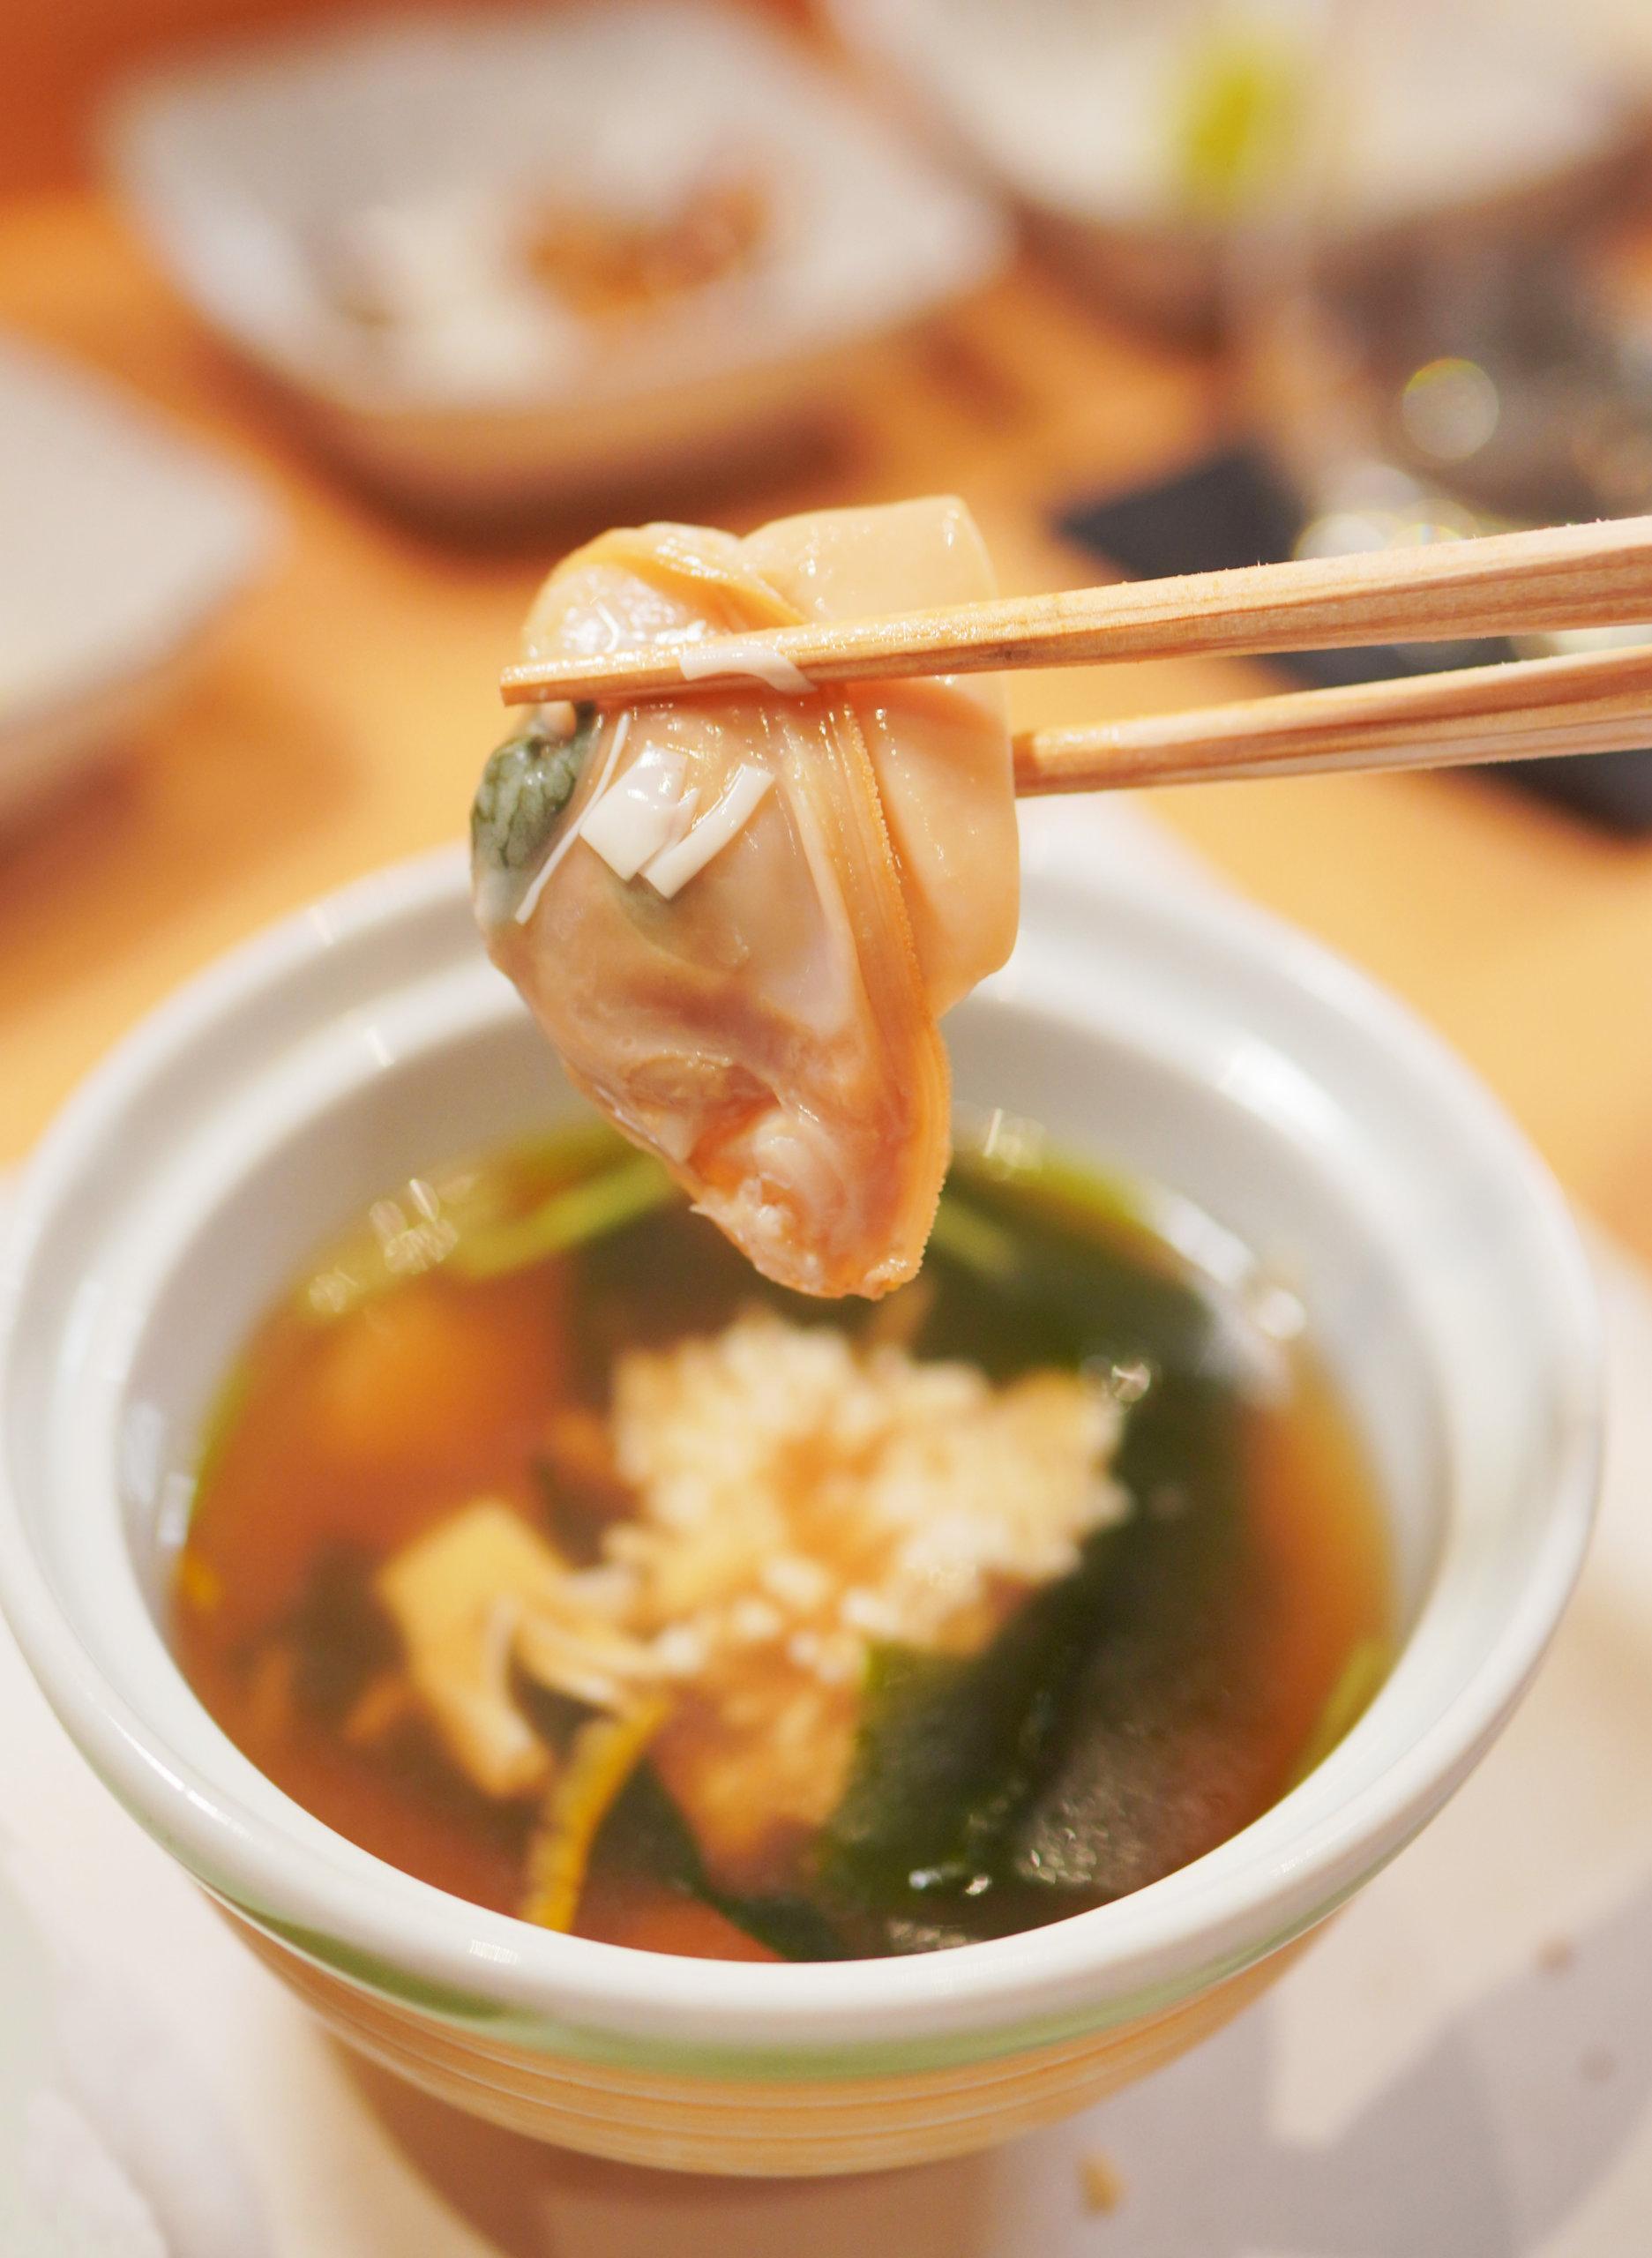 味噌湯極足料,好多昆布及礿腐皮絲,入面仲有大大隻肥蜆!